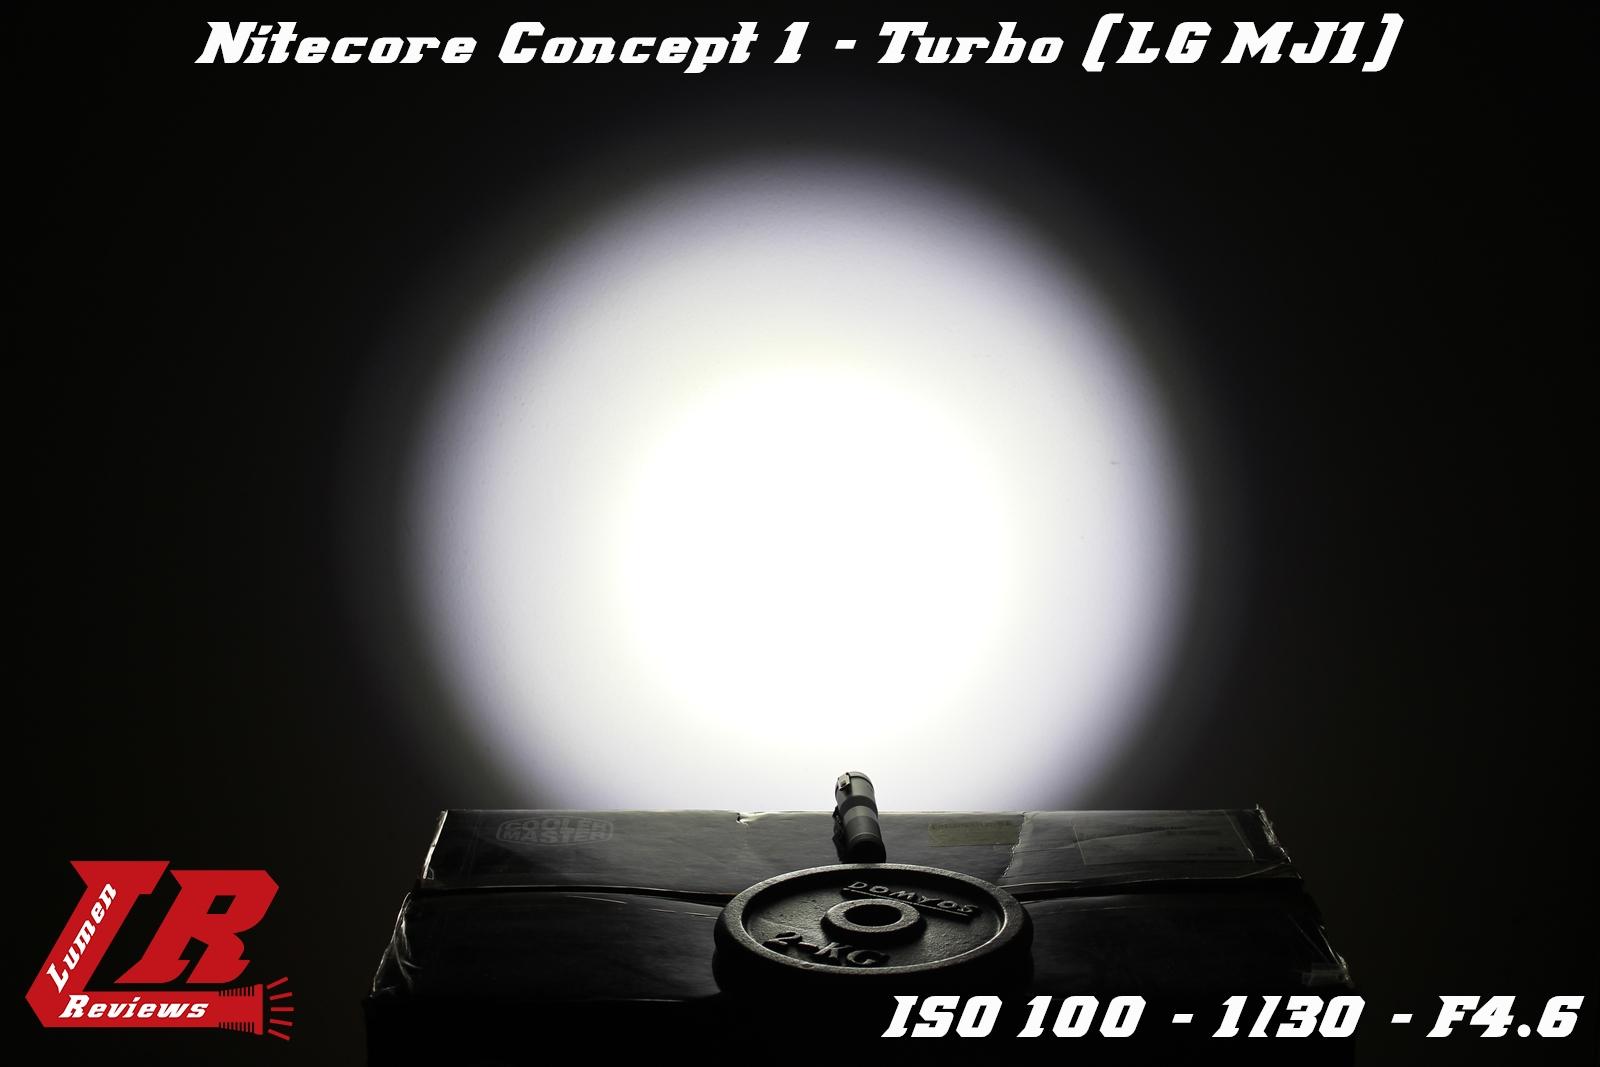 Nitecore Concept 1 12